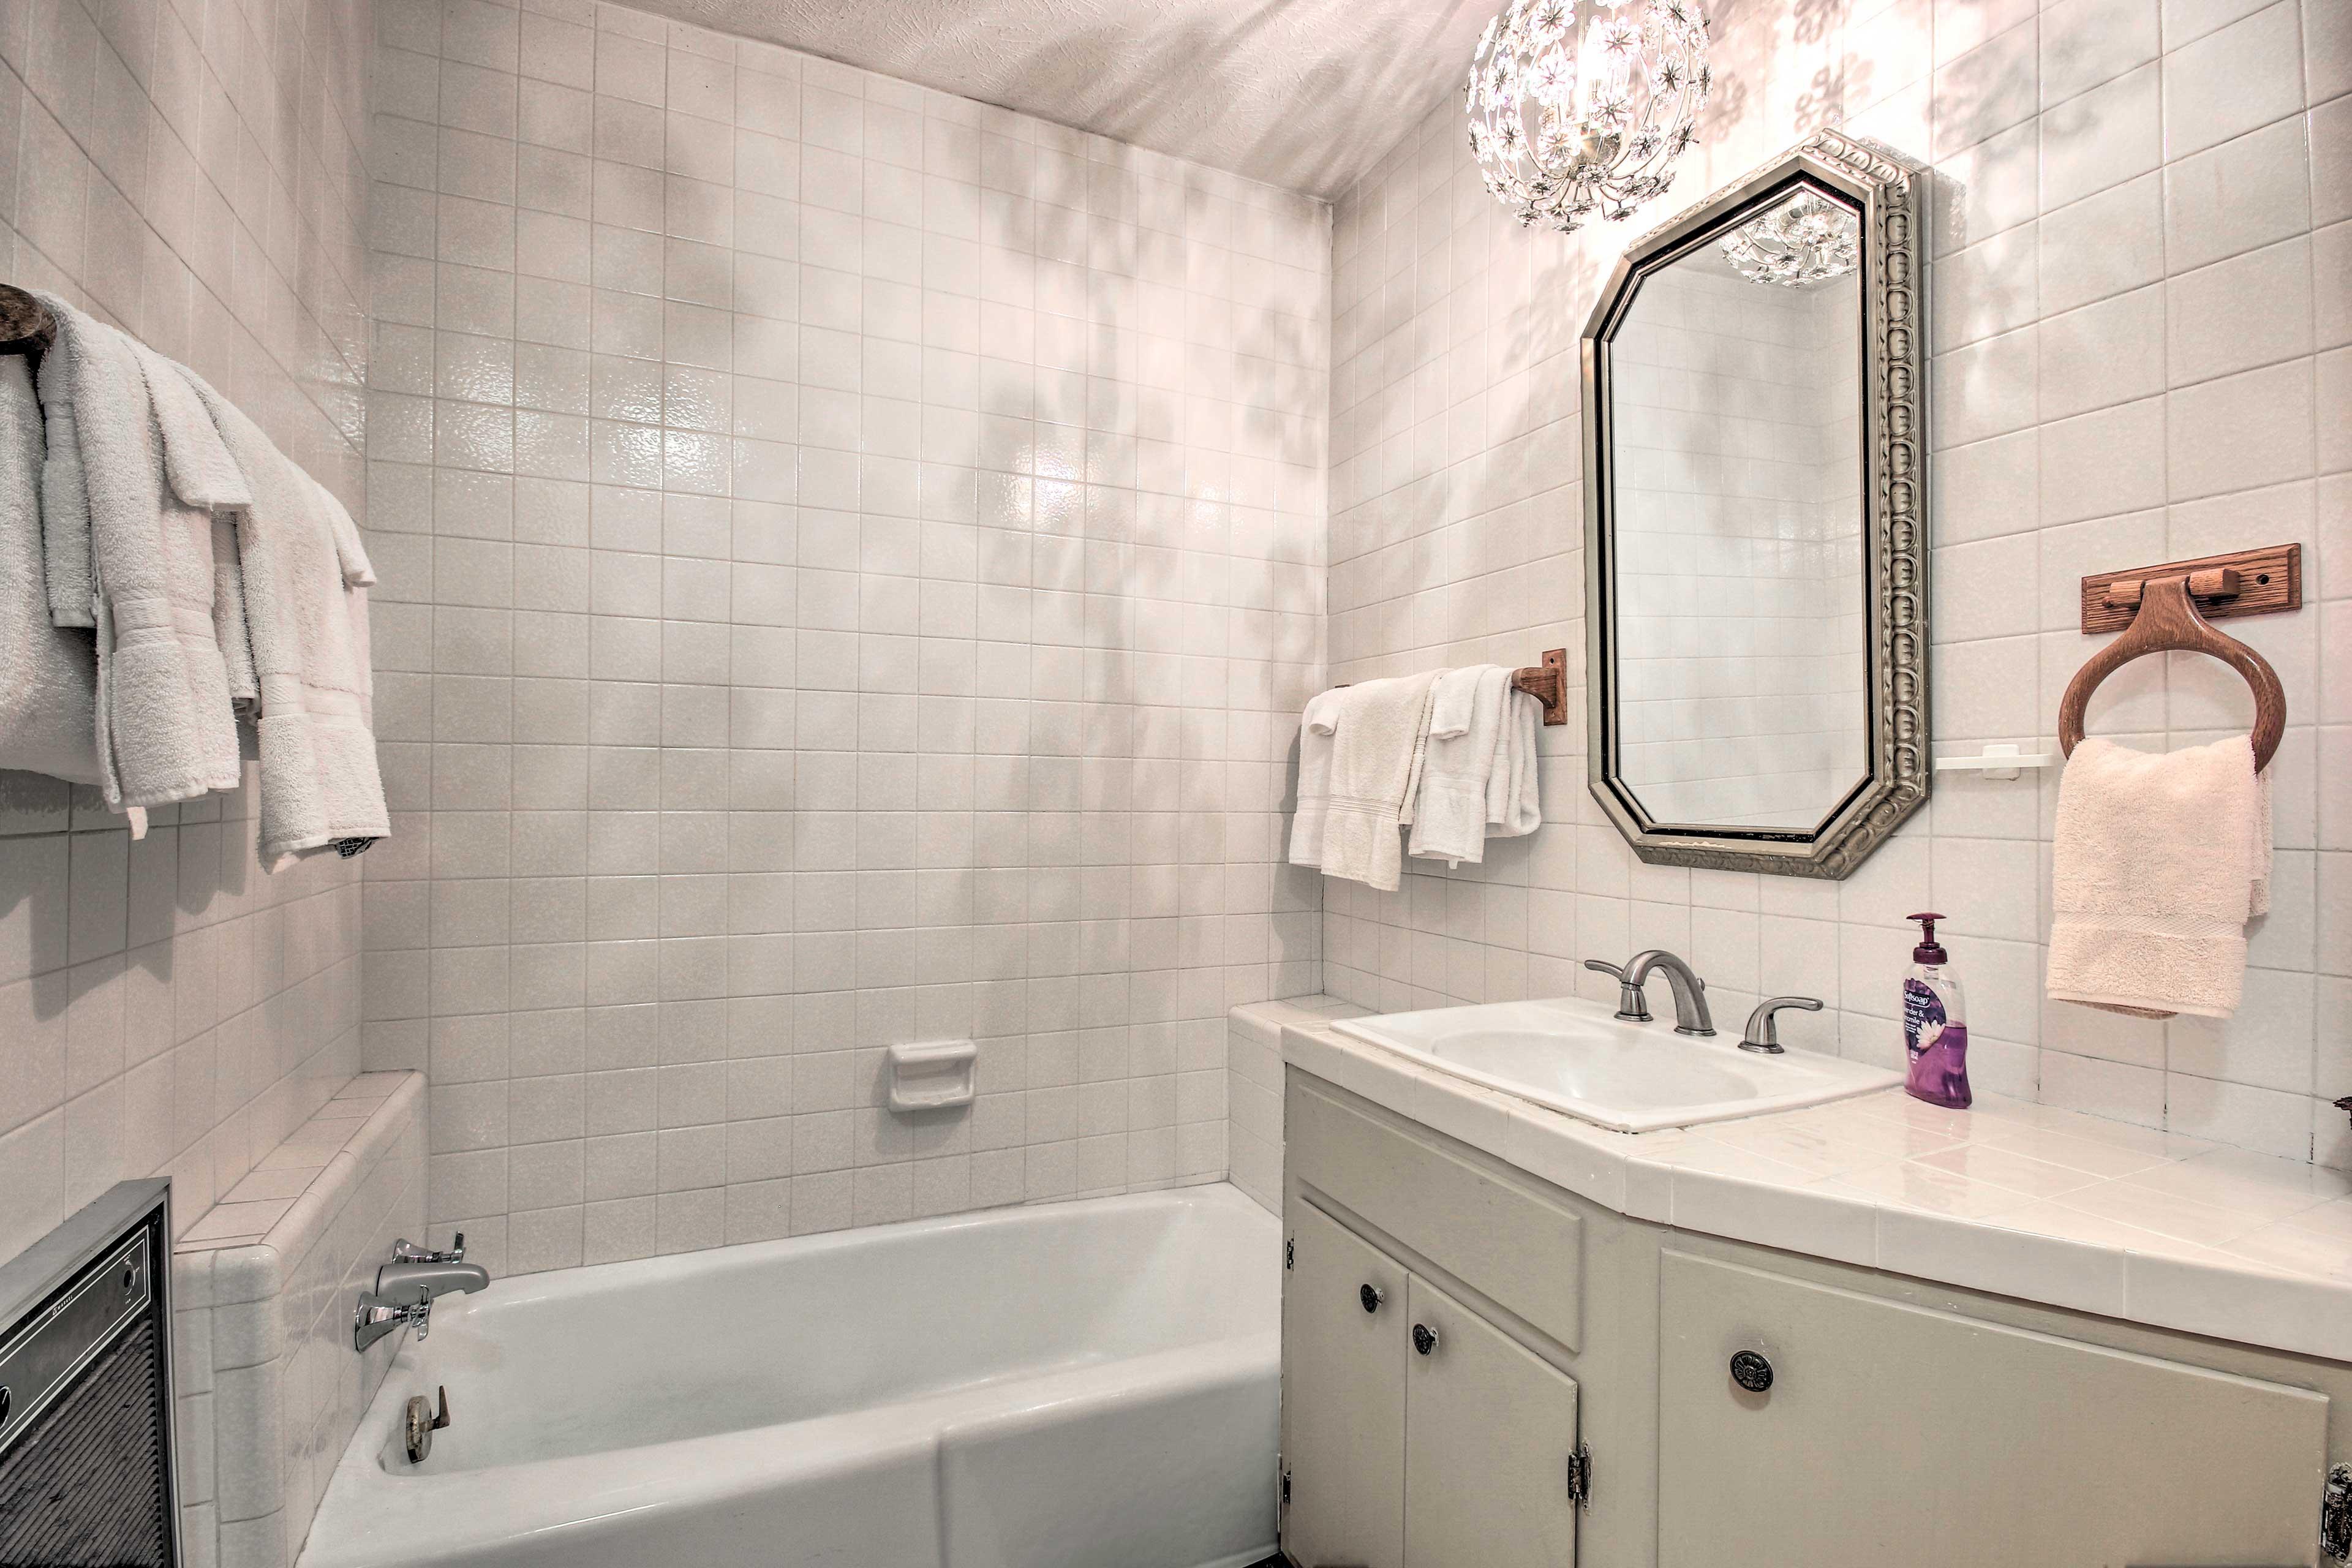 Soak in the tub before bed in the master en-suite bathroom.